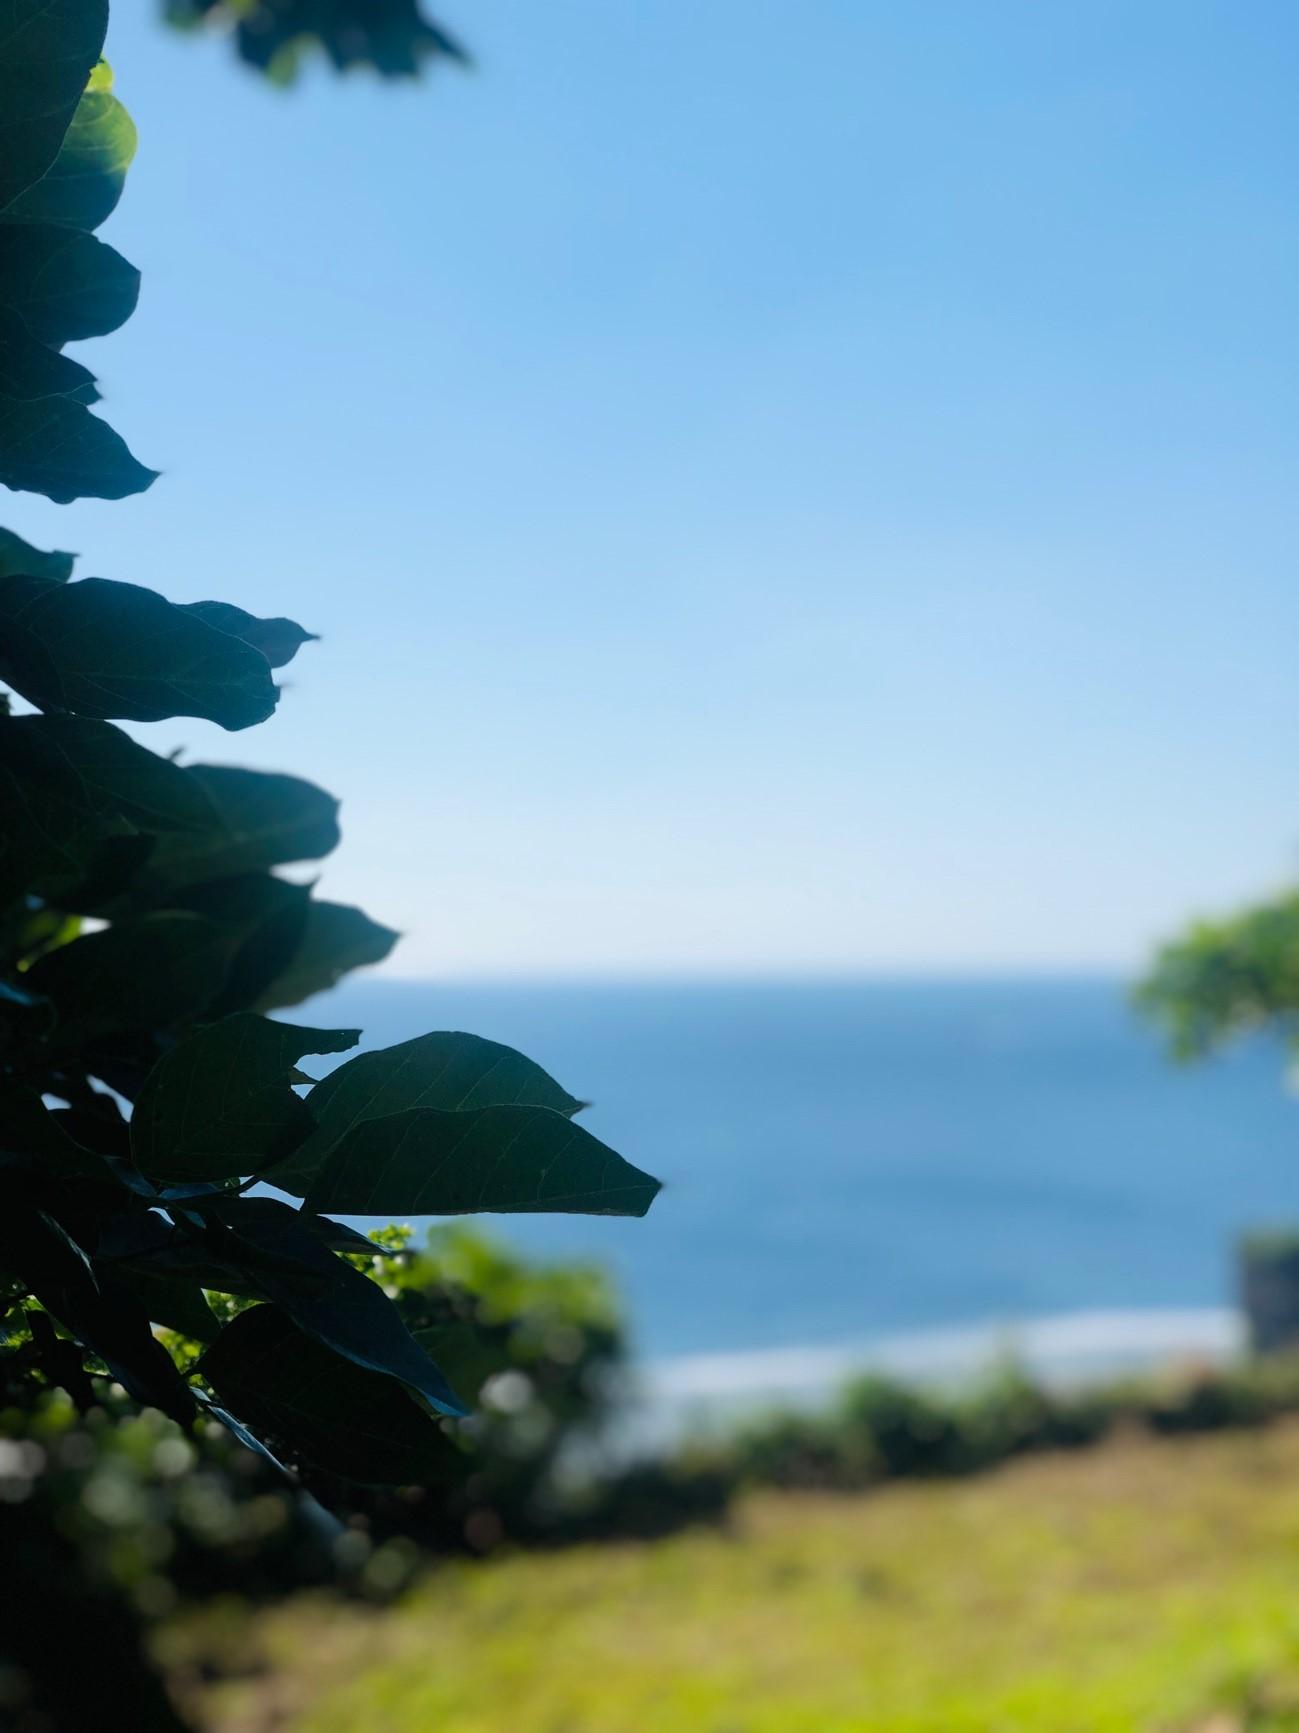 沖縄県糸満市「平和祈念公園」の「摩文仁の丘」の頂上から下り道 海をバックにポートレート撮影